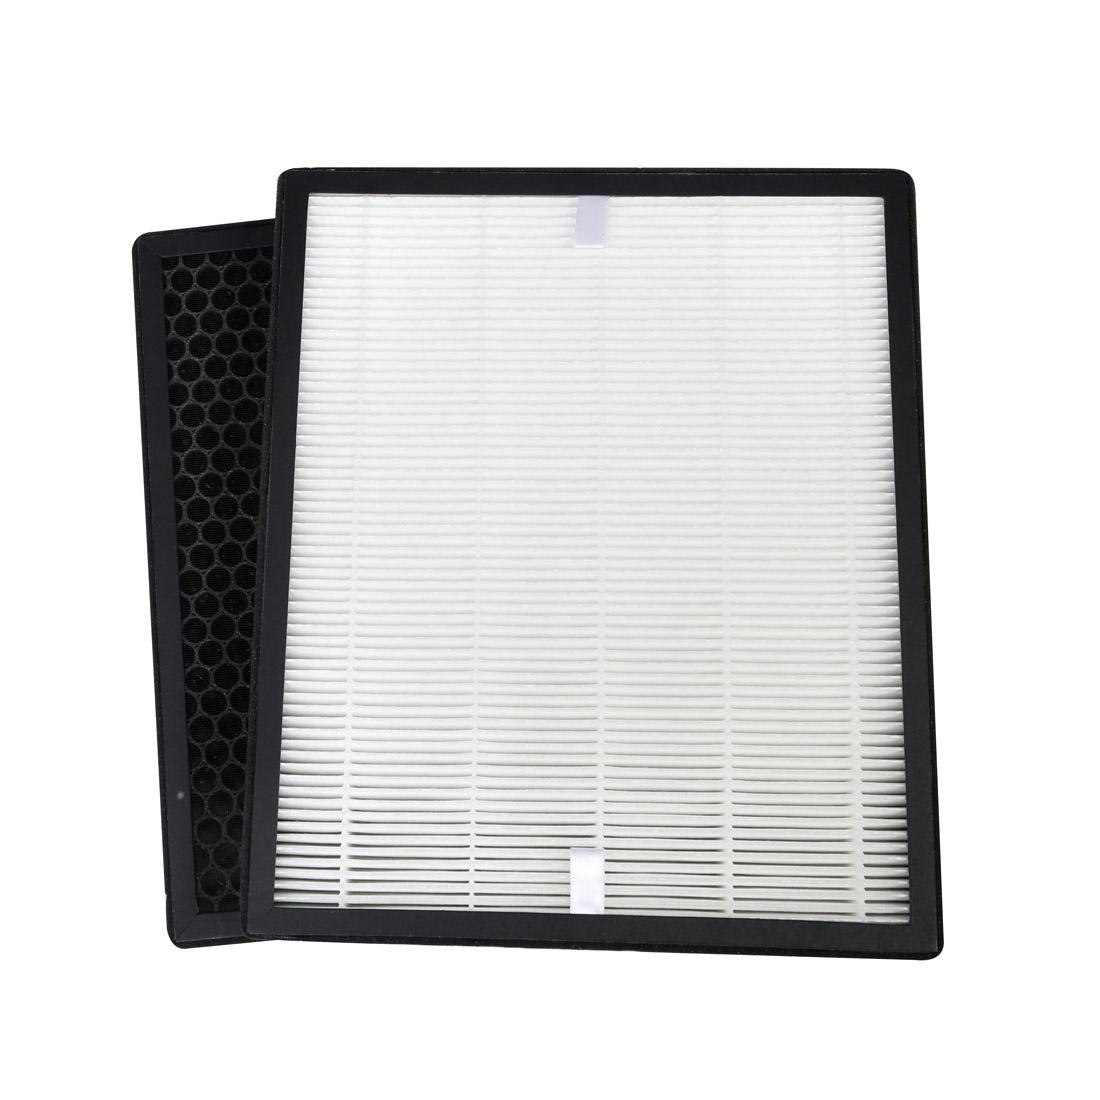 Zestaw filtrów HEPA i węglowy do urządzenia Electrolux EAP450 - OFILTRO Air Filter - HEPA H13 + Carbon - Electrolux EAP450